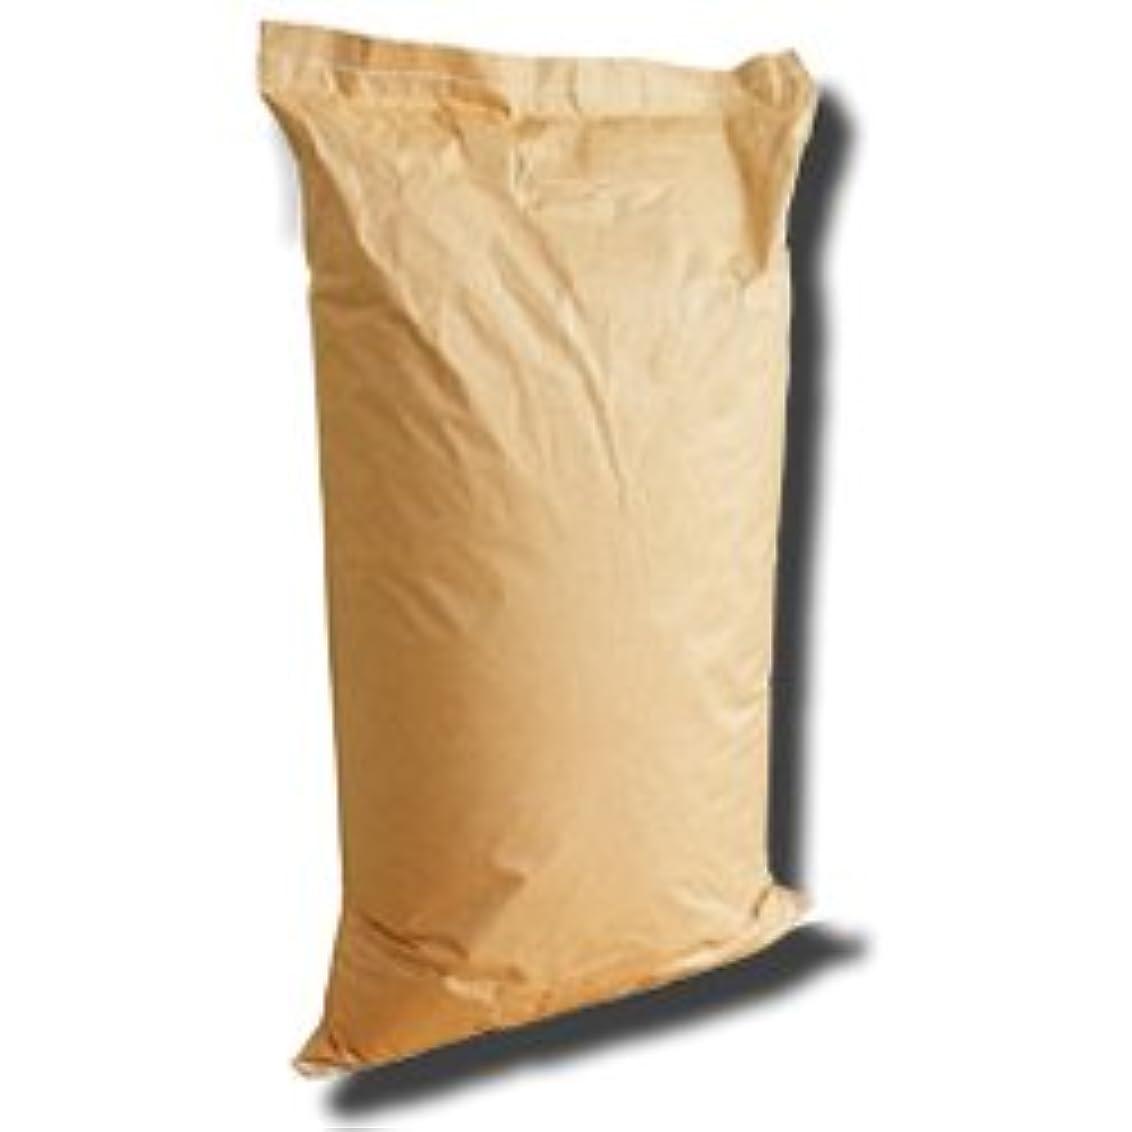 結婚したルーチンエーカー業務用 コラーゲン粉末(豚皮由来) 4kg×1 卸用 パウダー